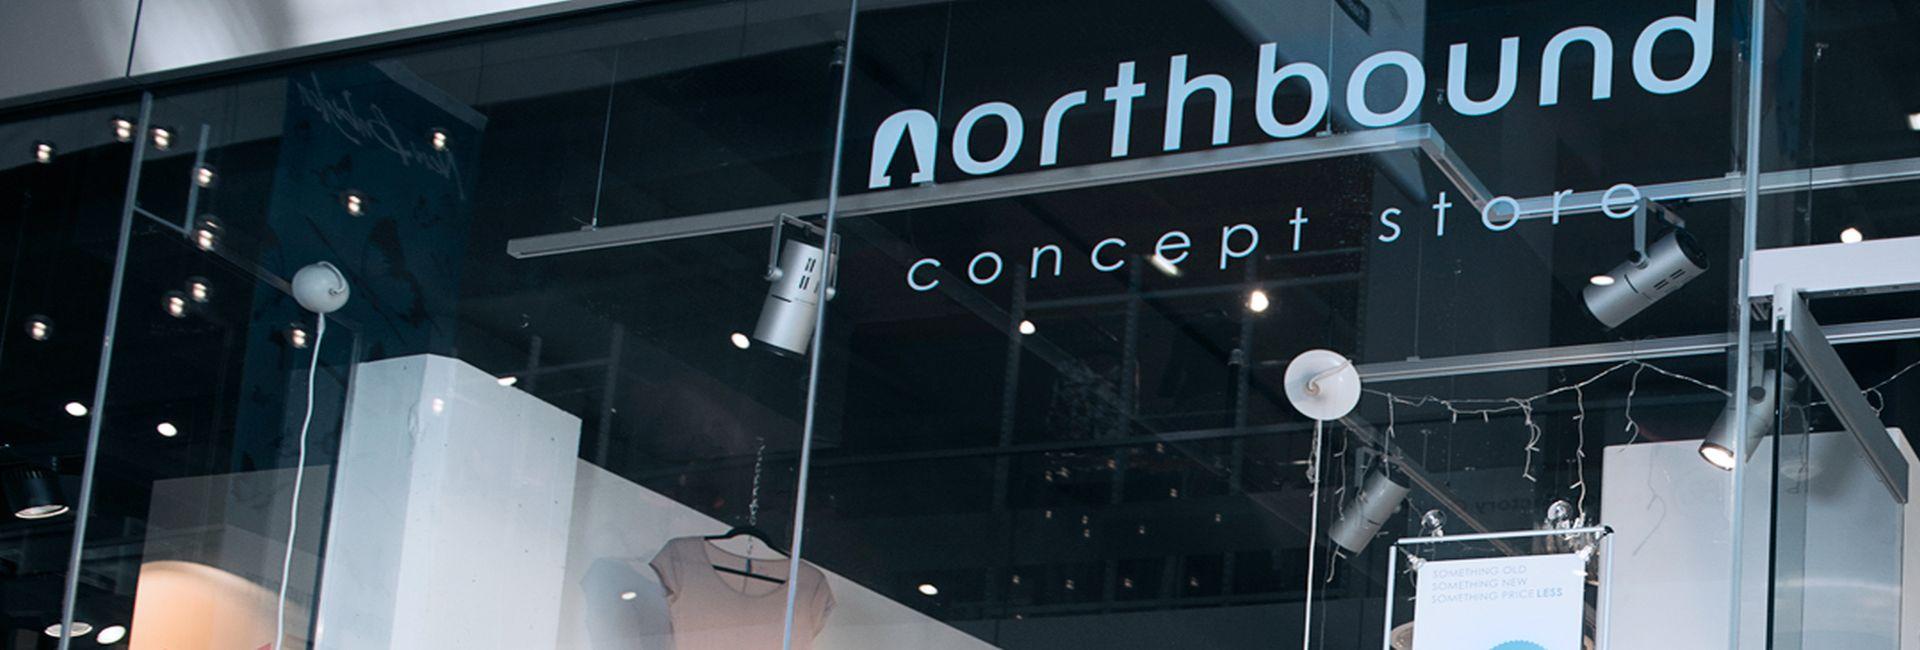 NORTHBOUND CONCEPT STORE